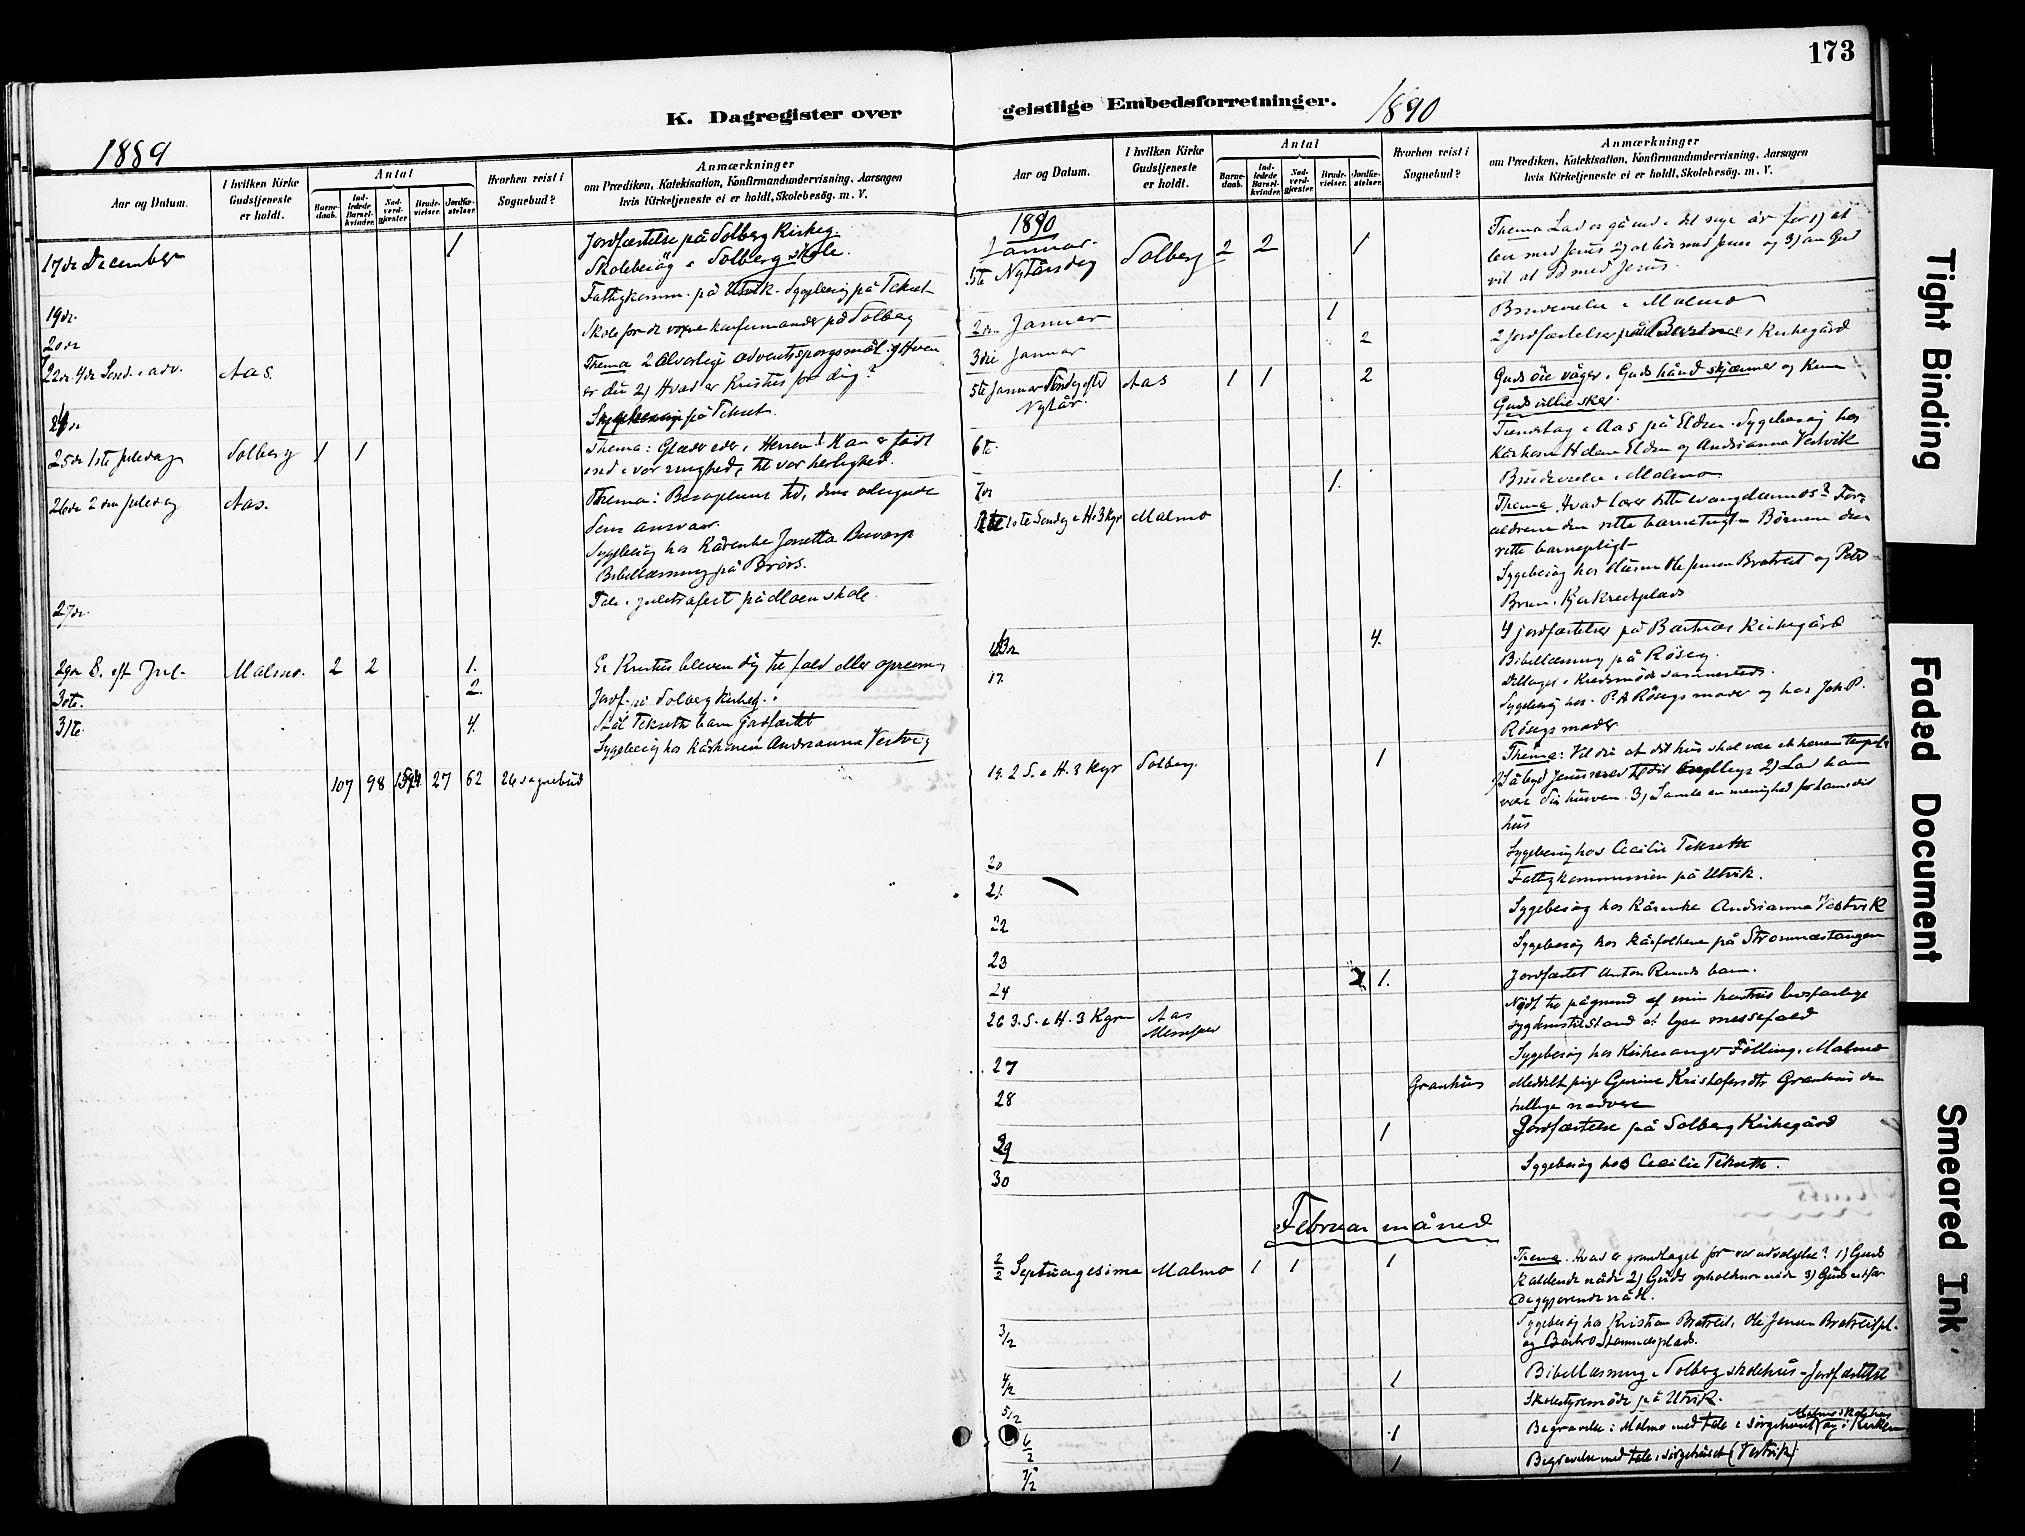 SAT, Ministerialprotokoller, klokkerbøker og fødselsregistre - Nord-Trøndelag, 741/L0396: Ministerialbok nr. 741A10, 1889-1901, s. 173